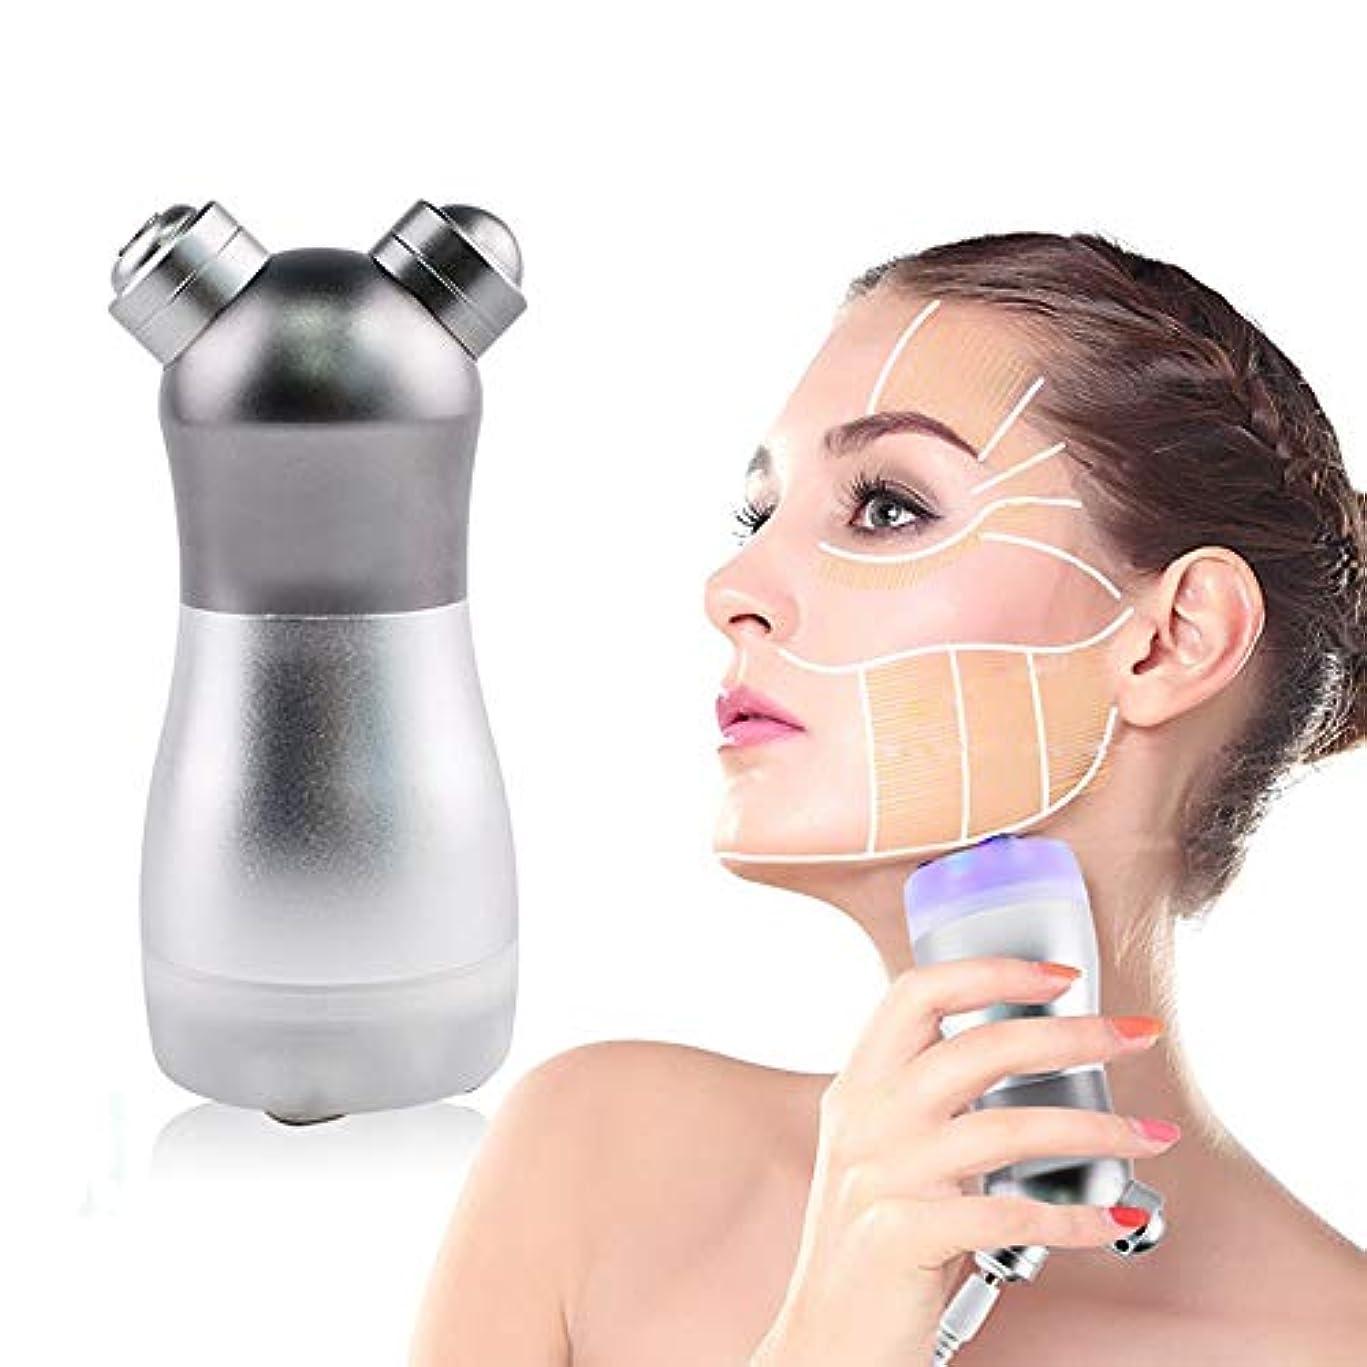 却下する工業用エレクトロニックポータブル光子リンクルホーム用の肌の若返りのための除去フェイスリフトデバイス&ドットマトリクスTonningデバイス・フェイシャルアンチエイジング美容機器